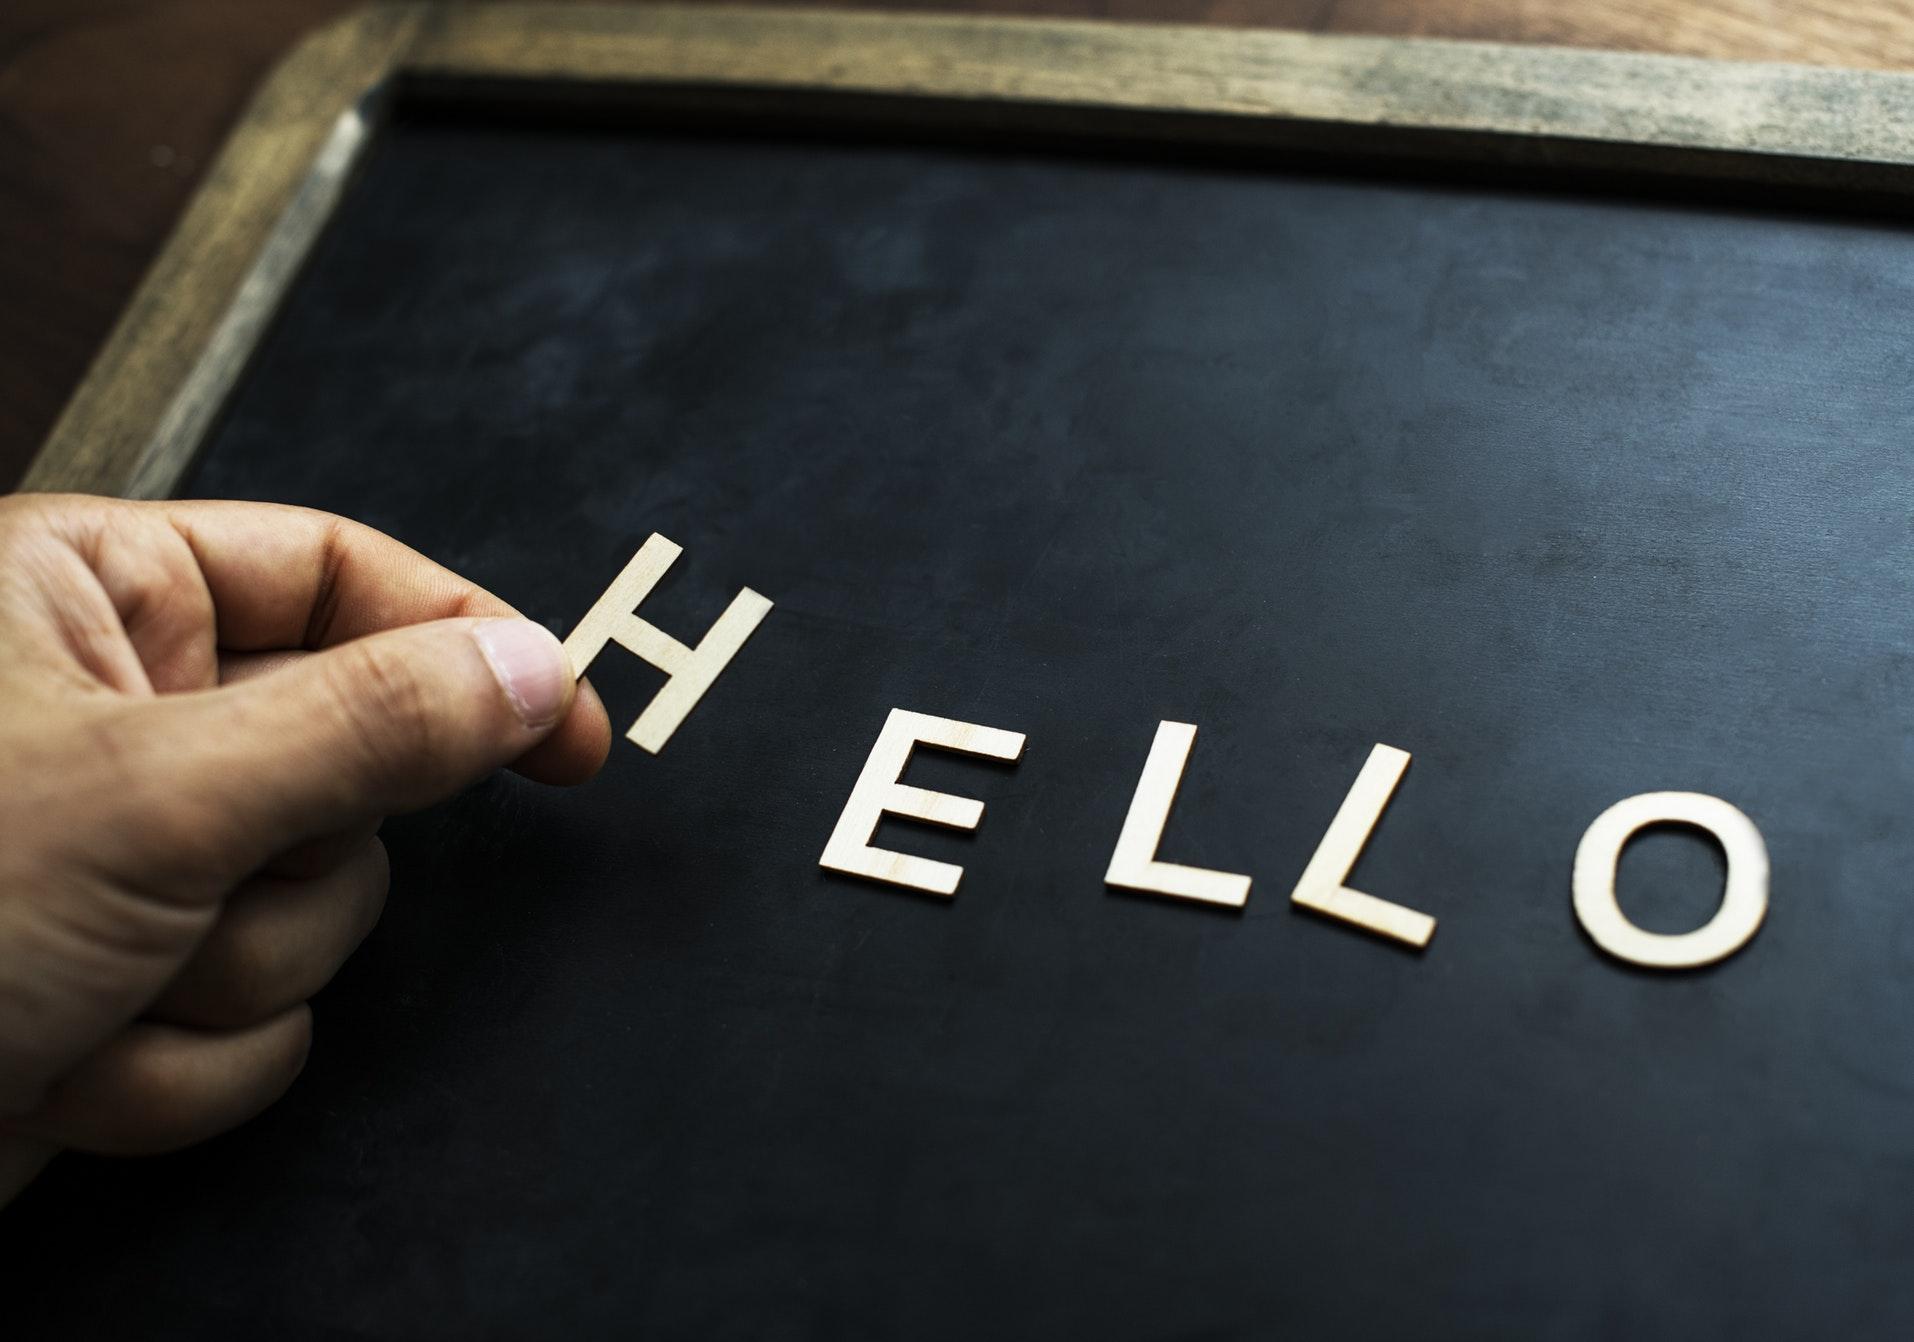 Ateles - Konvertera mera med rätt typografi  - 8 enkla tips!